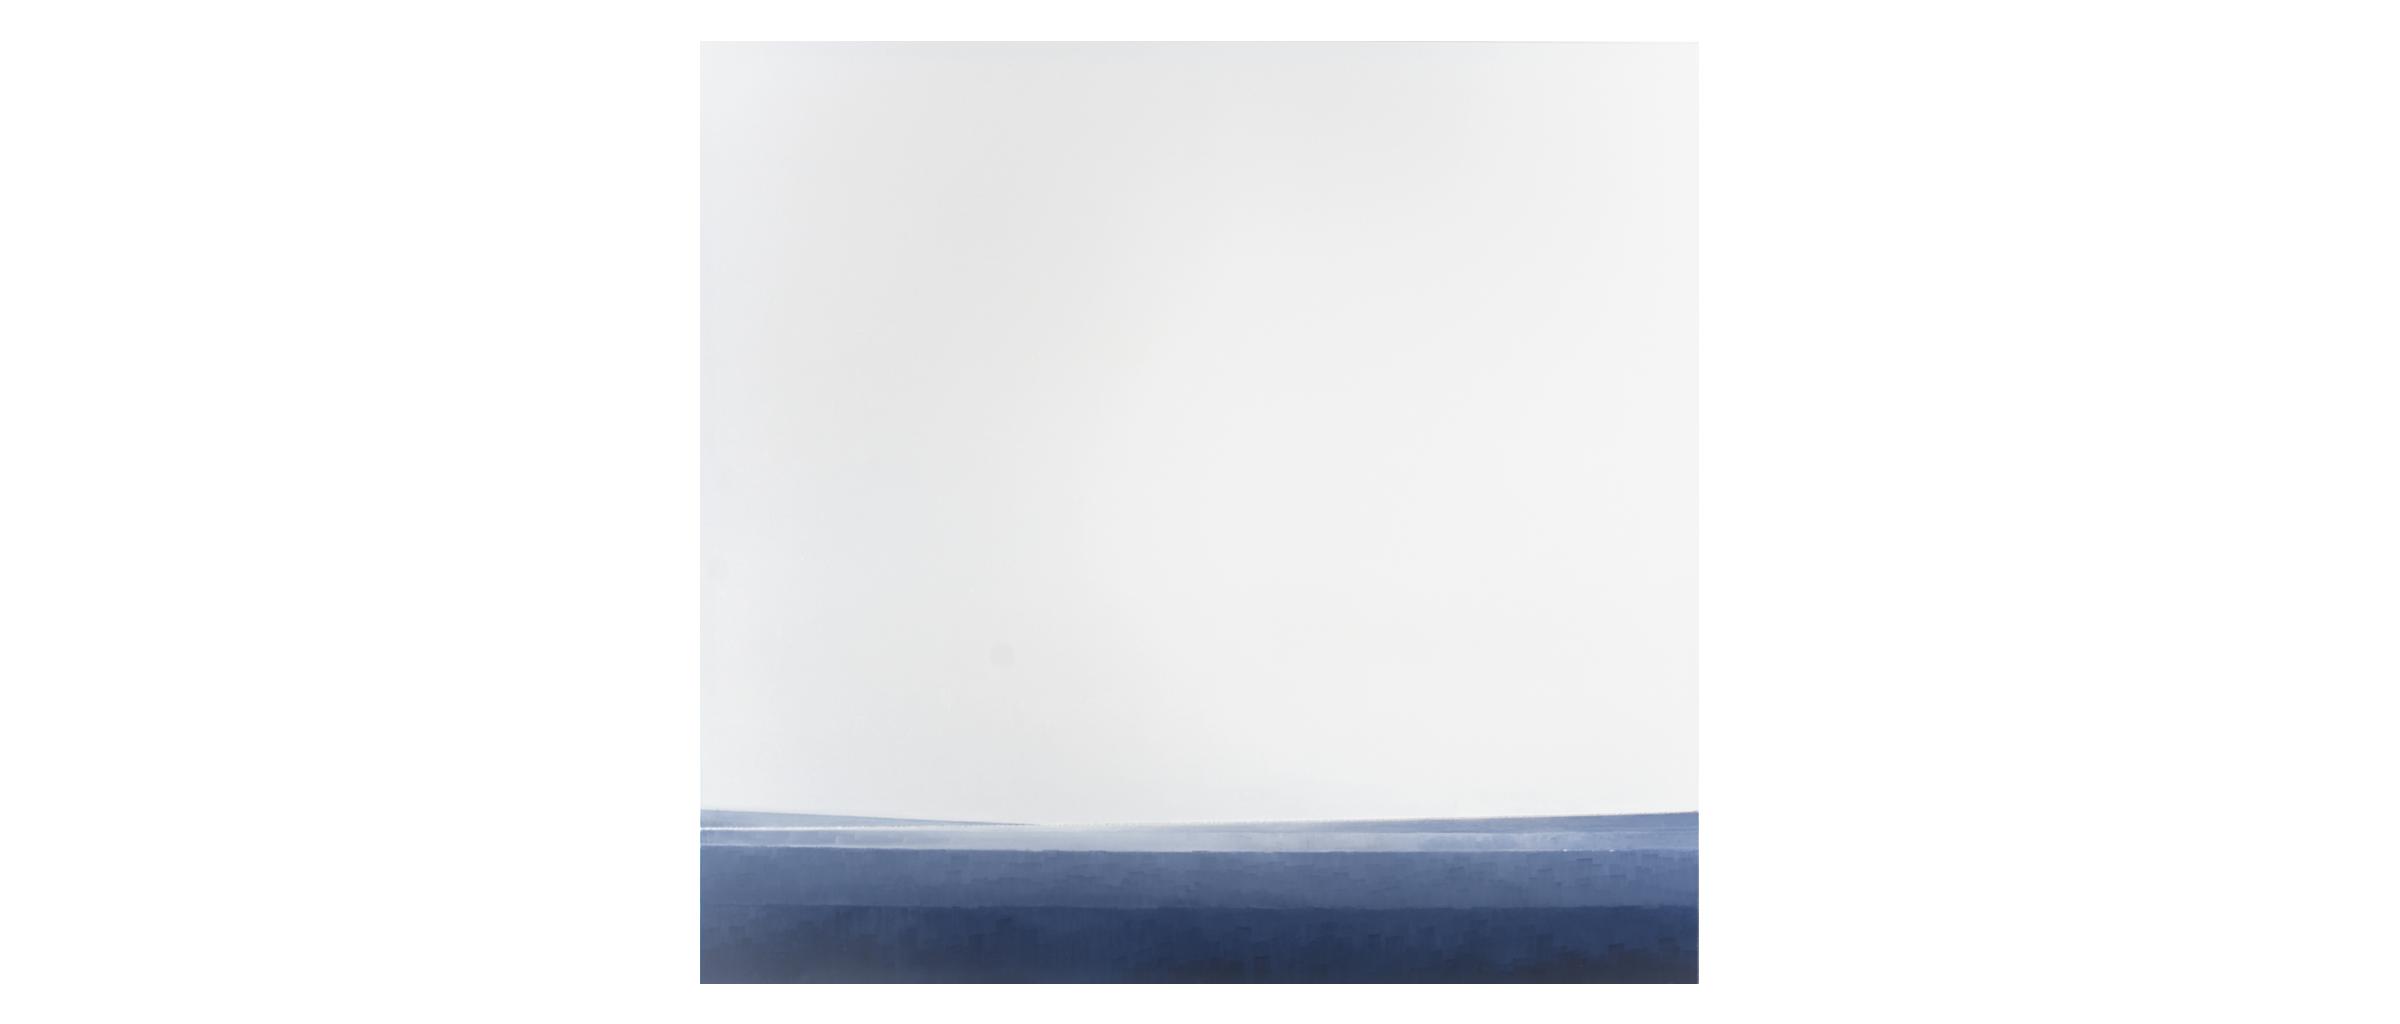 Romitelli - Silenzio 08